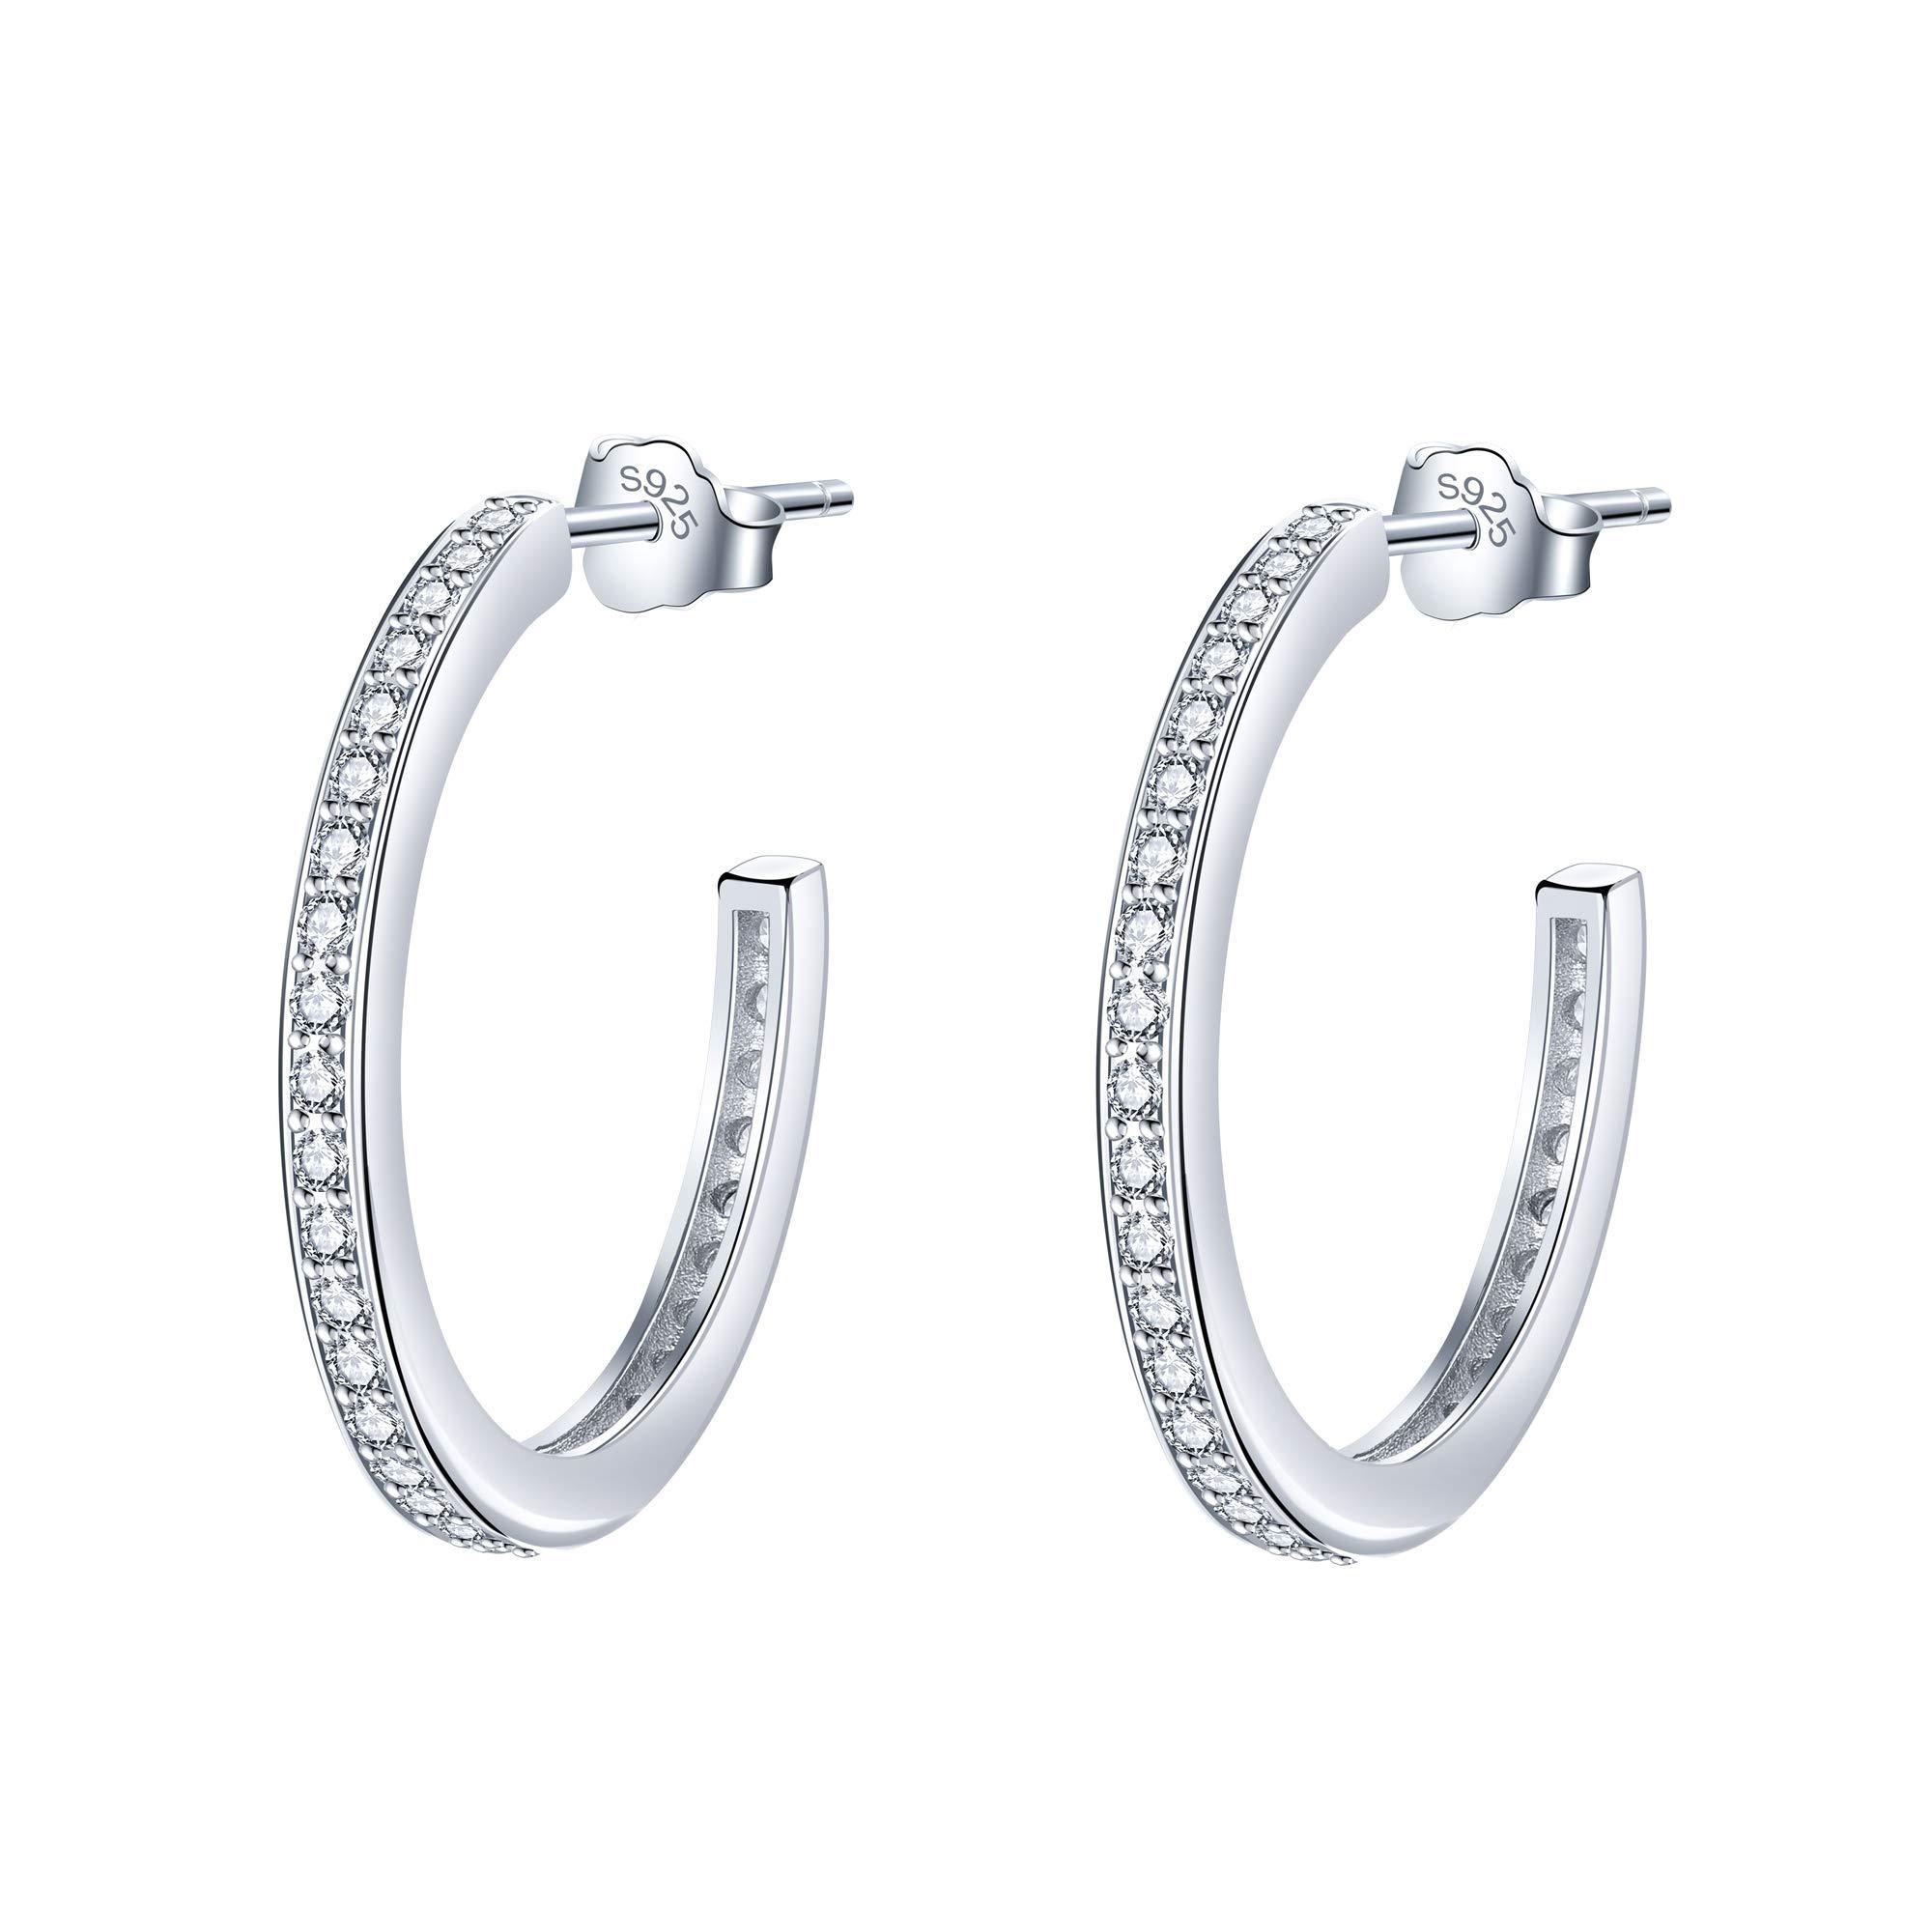 Lydreewam Pendientes de aro plata de ley 925 para mujeres con 3A circonia cúbica, diámetro 23mm